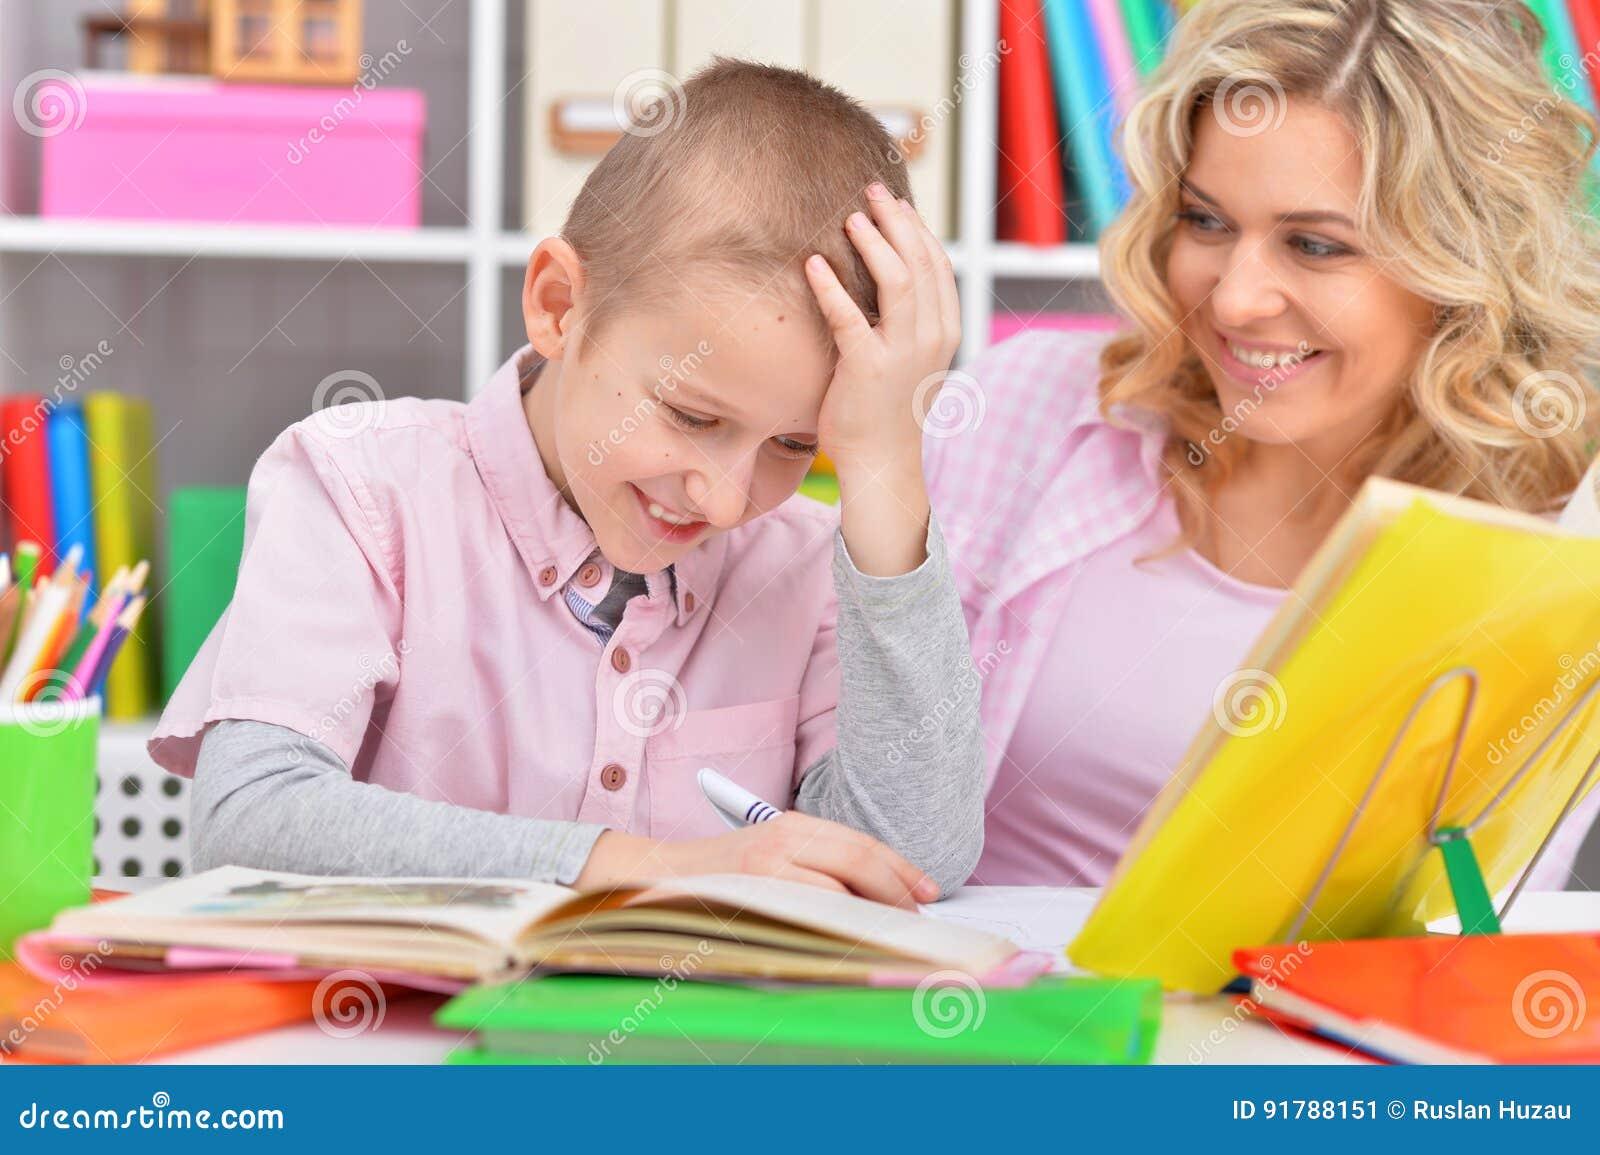 Сын делал уроки и трахнул маму, Реальный инцест, сын трахнул маму порно видео онлайн 20 фотография